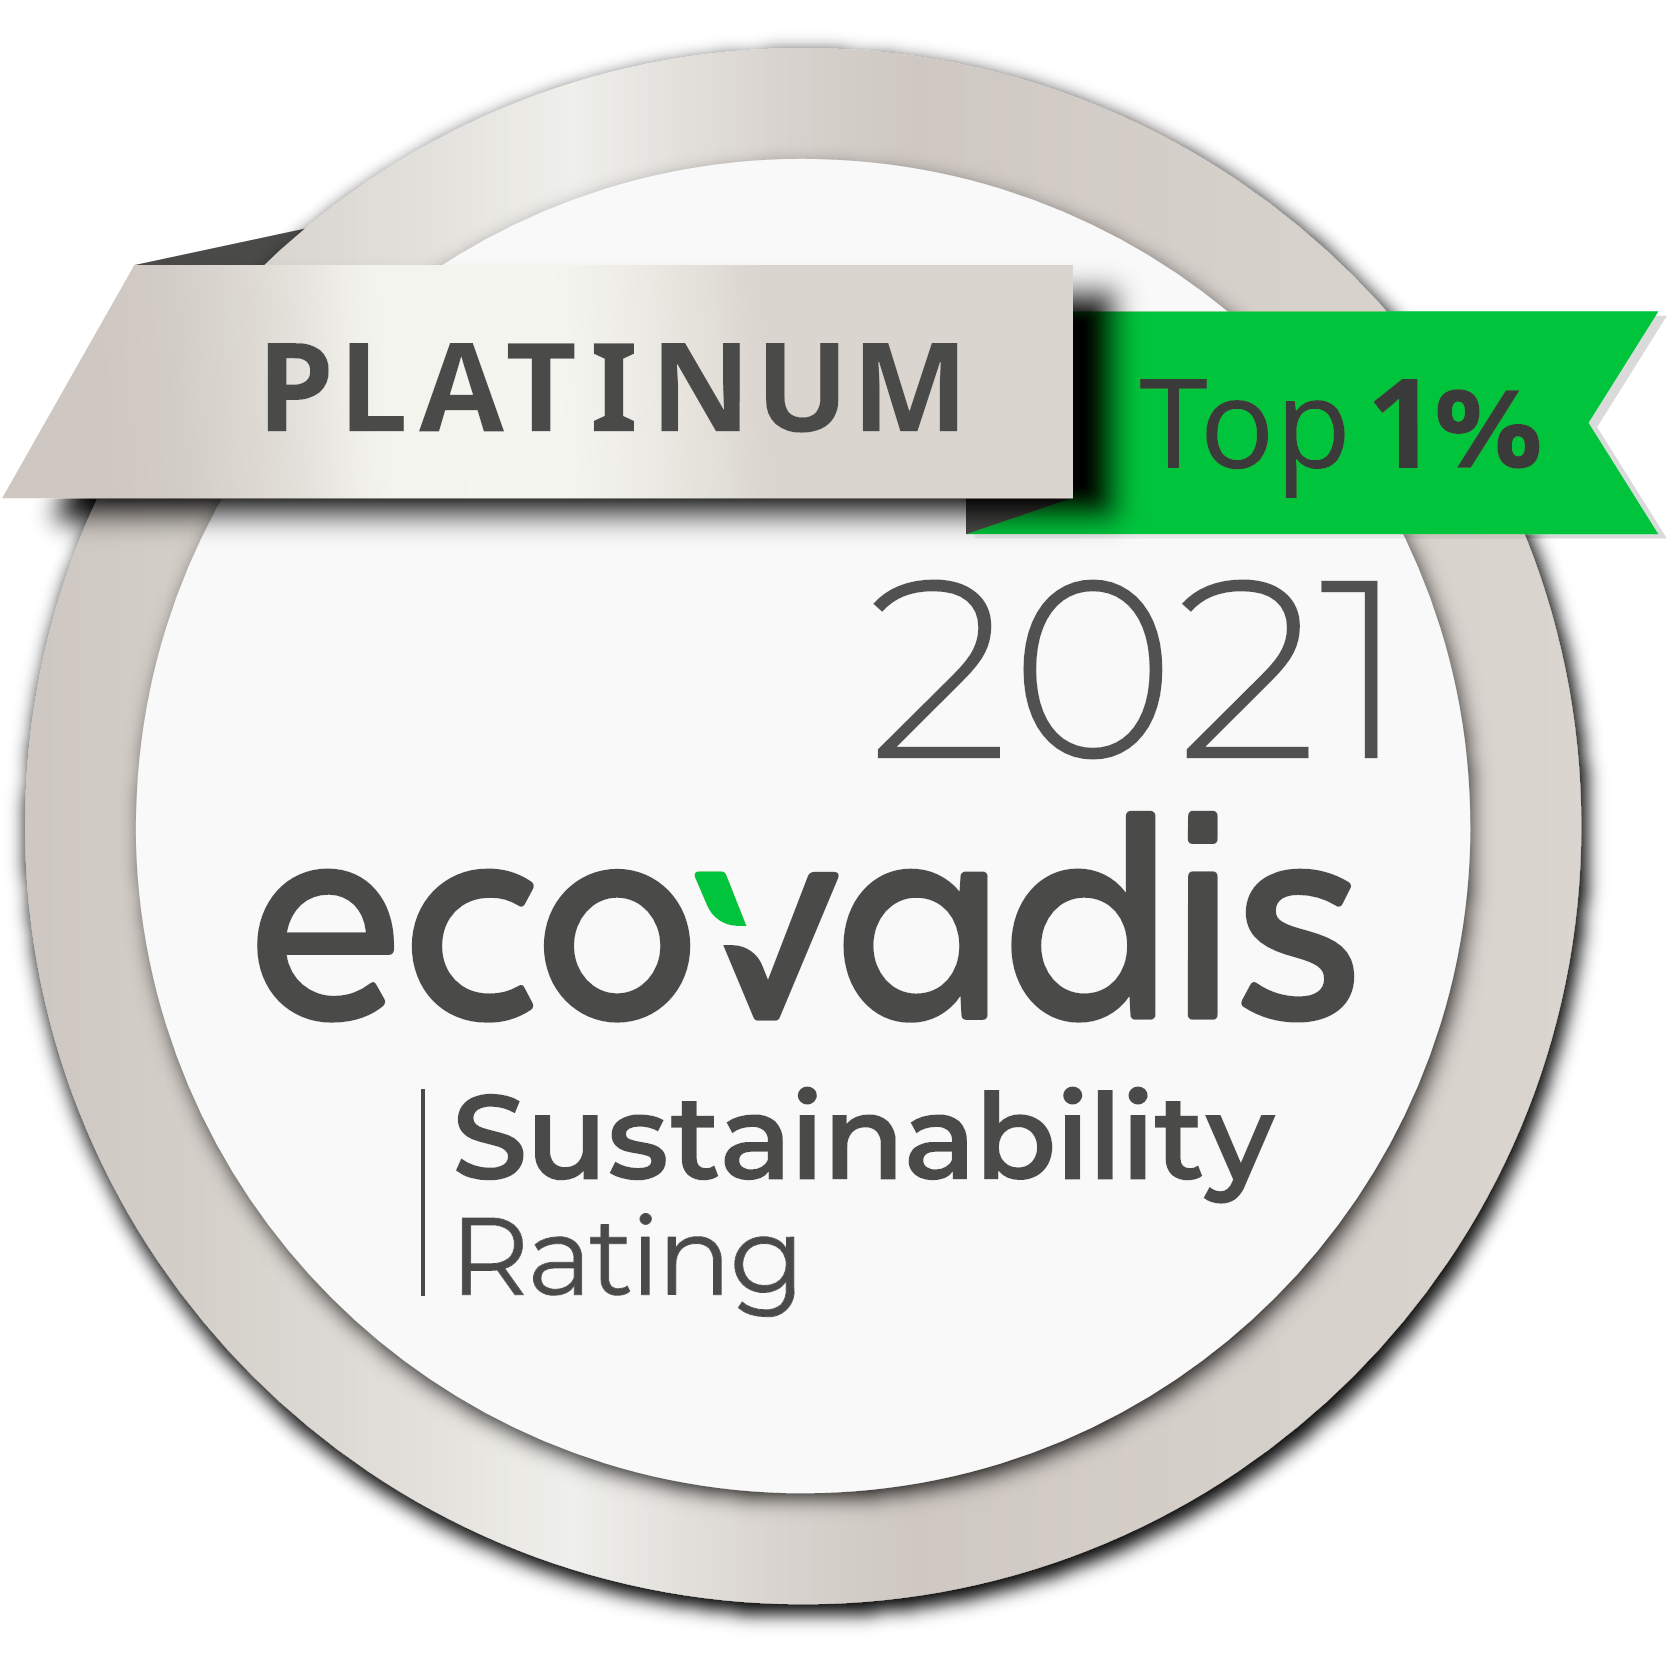 Ecovadis Platinum 2021